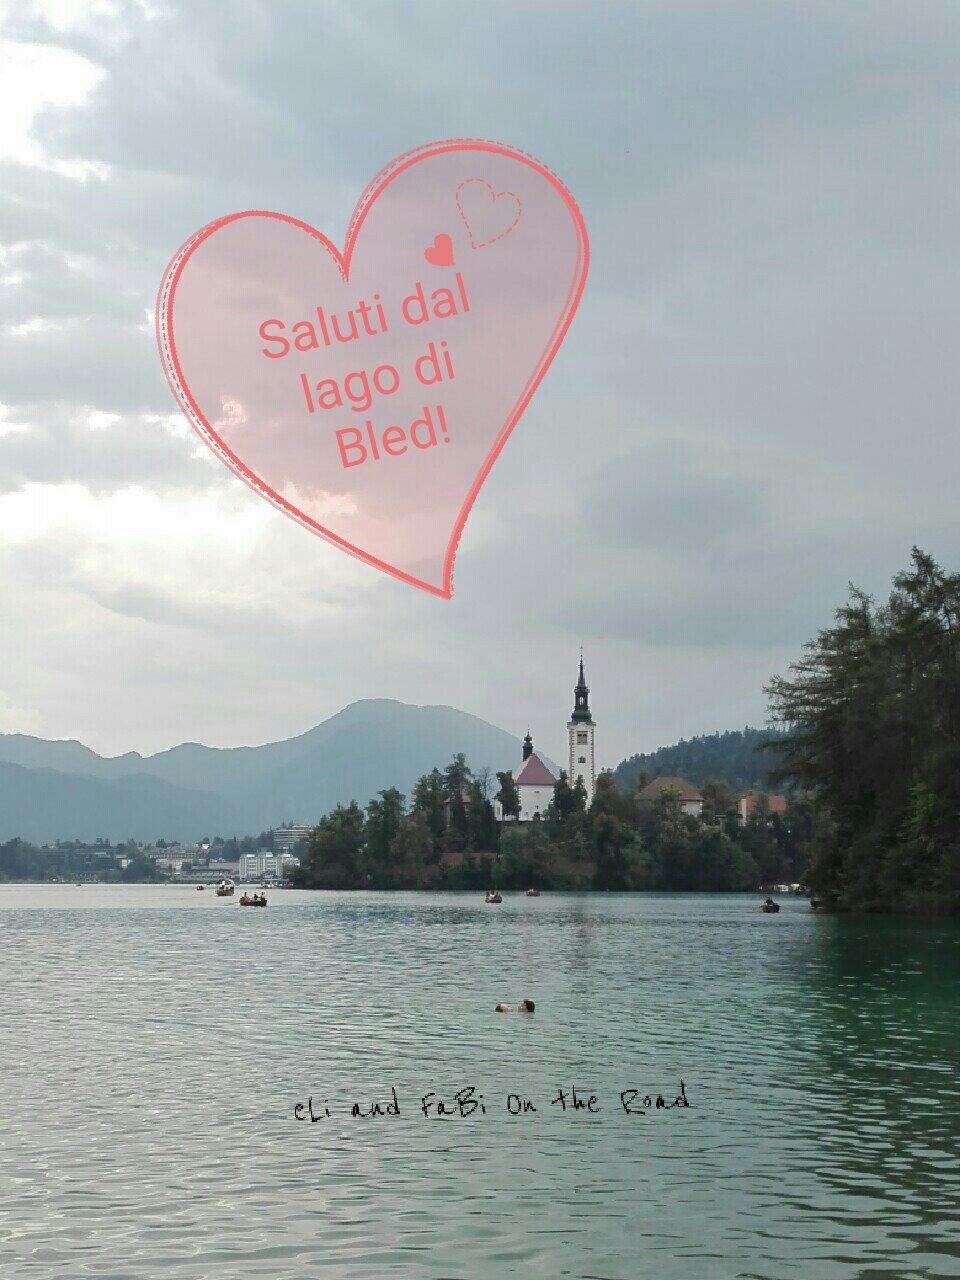 #CartolineDalMondo speciale settimana di Ferragosto: saluti dal Lago di Bled